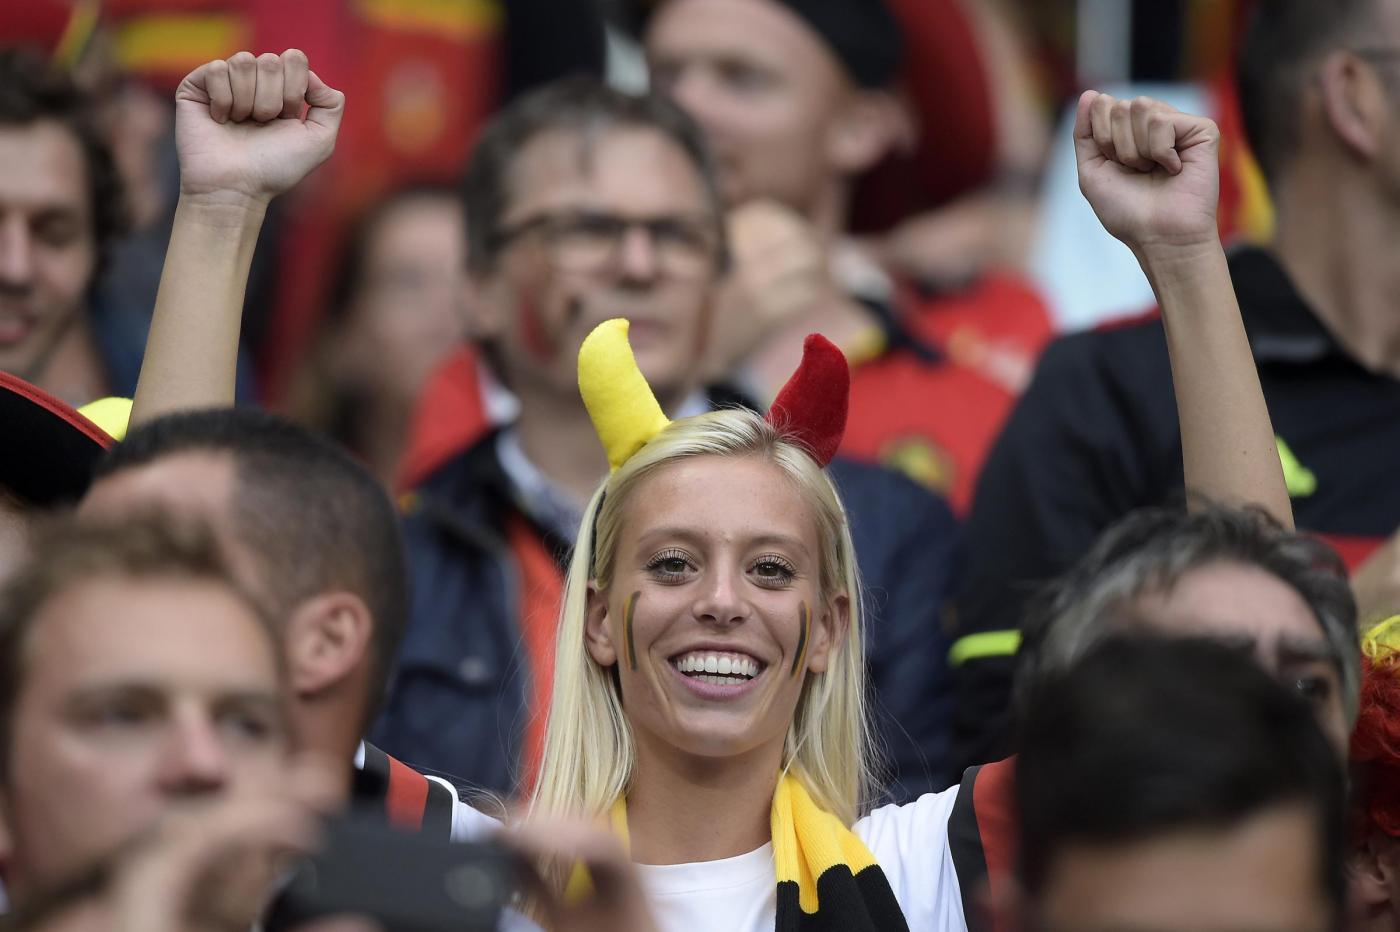 Belgio Proximus League 8 settembre: analisi e pronostico della giornata della seconda divisione calcistica belga